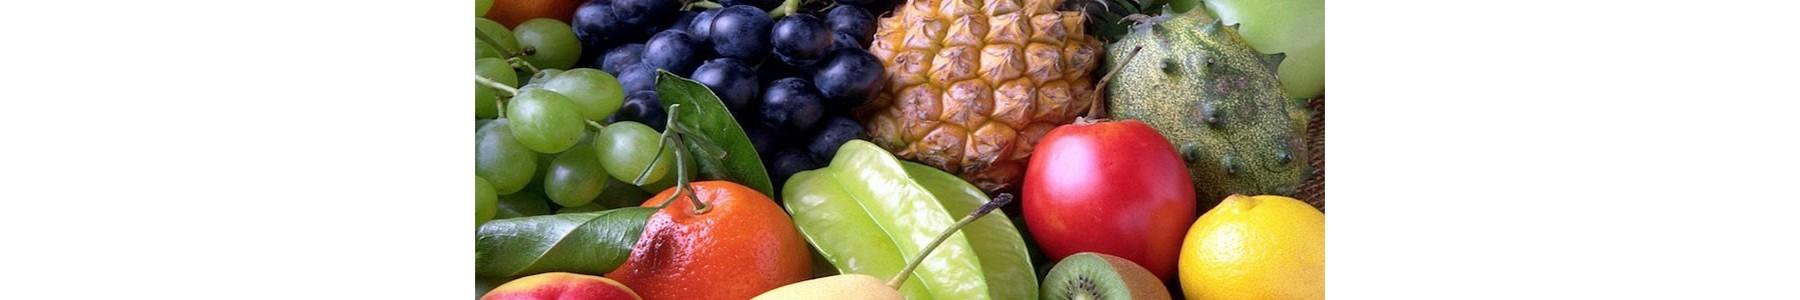 Fruttati